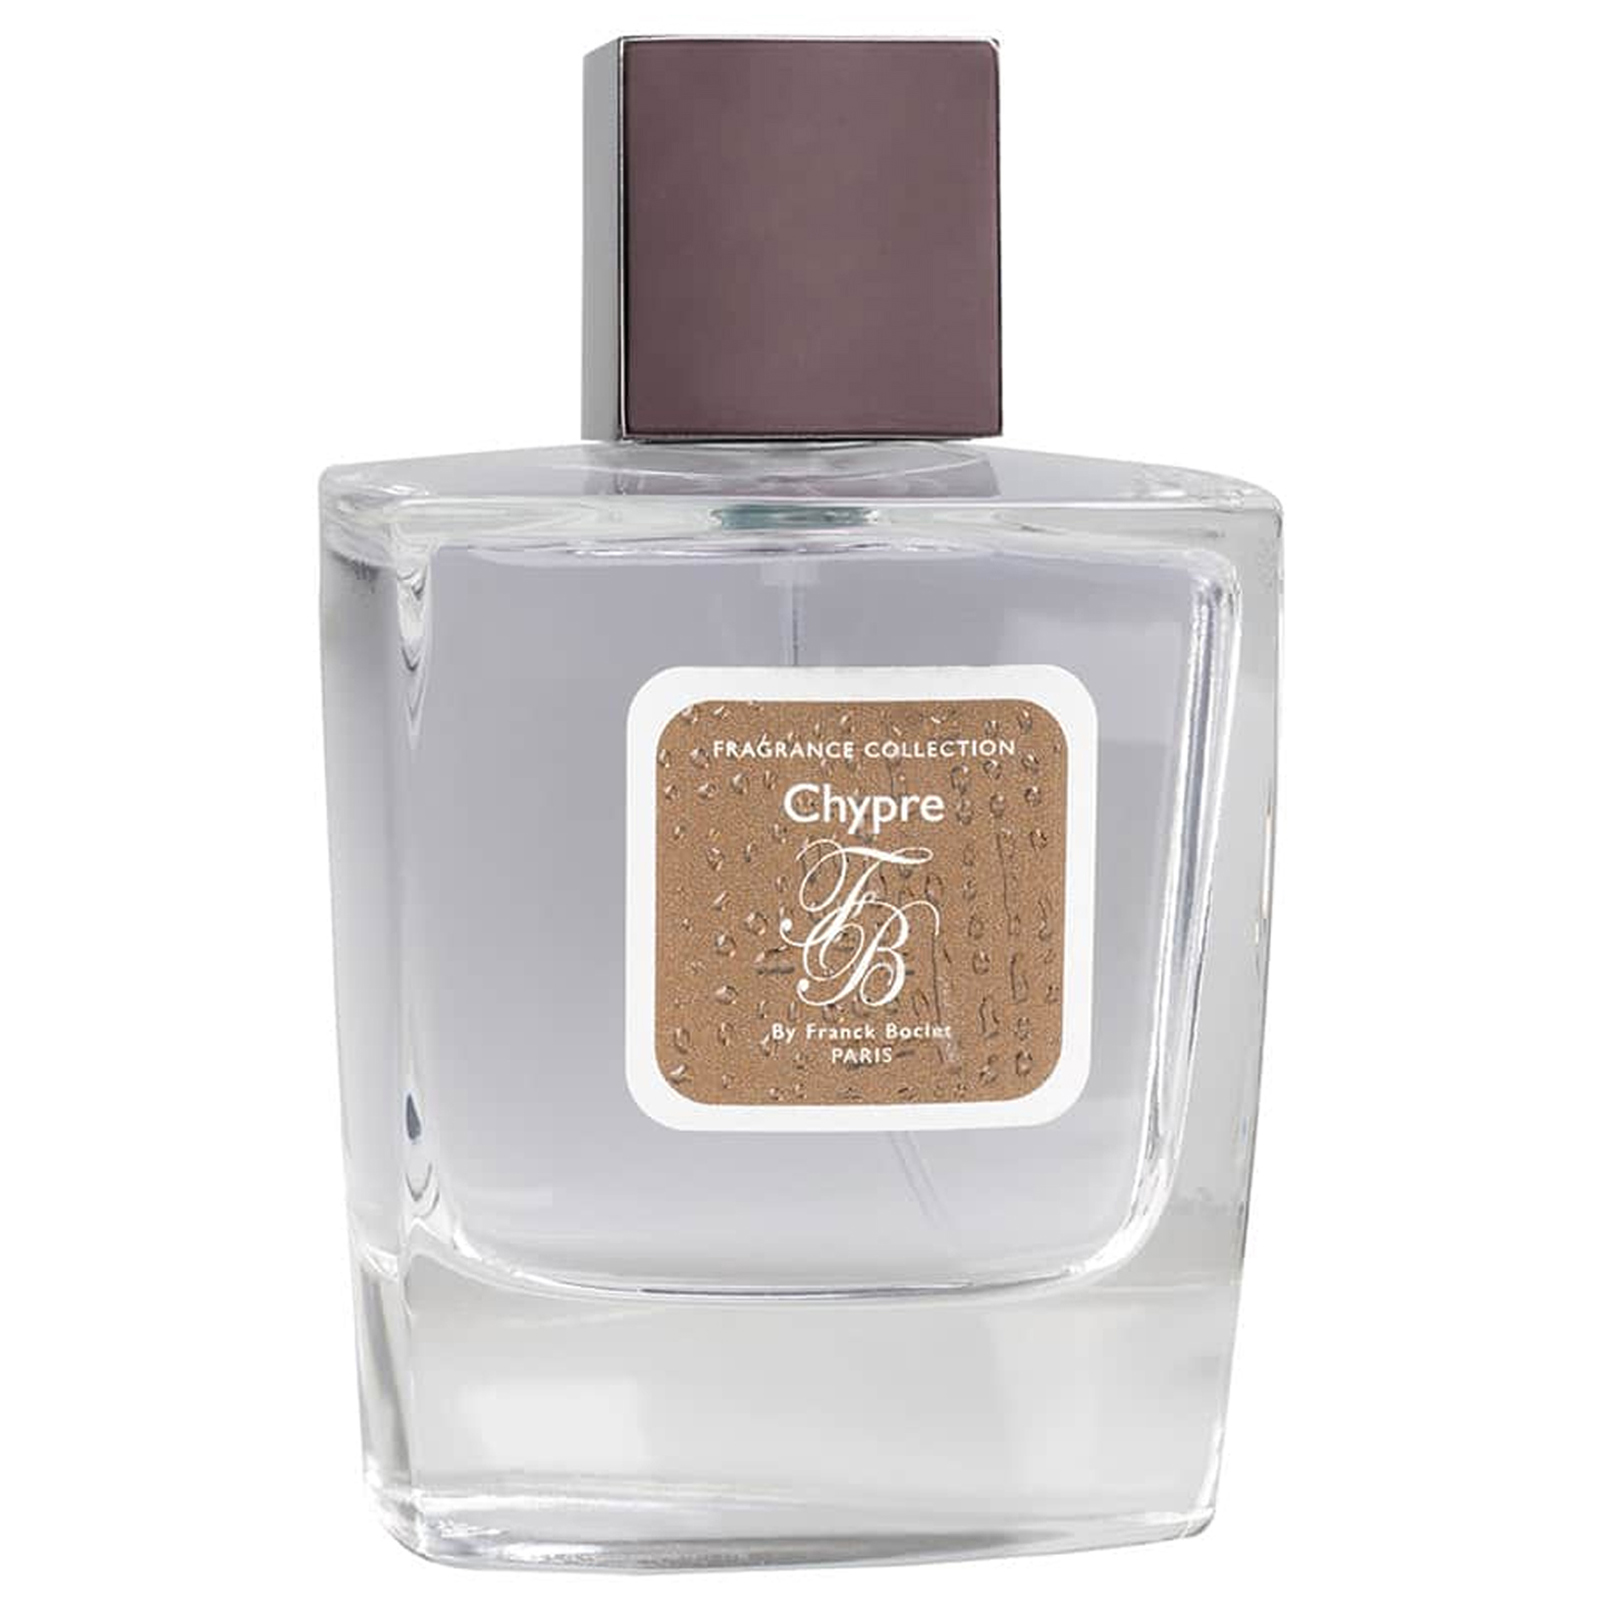 Chypre profumo eau de parfum 100 ml